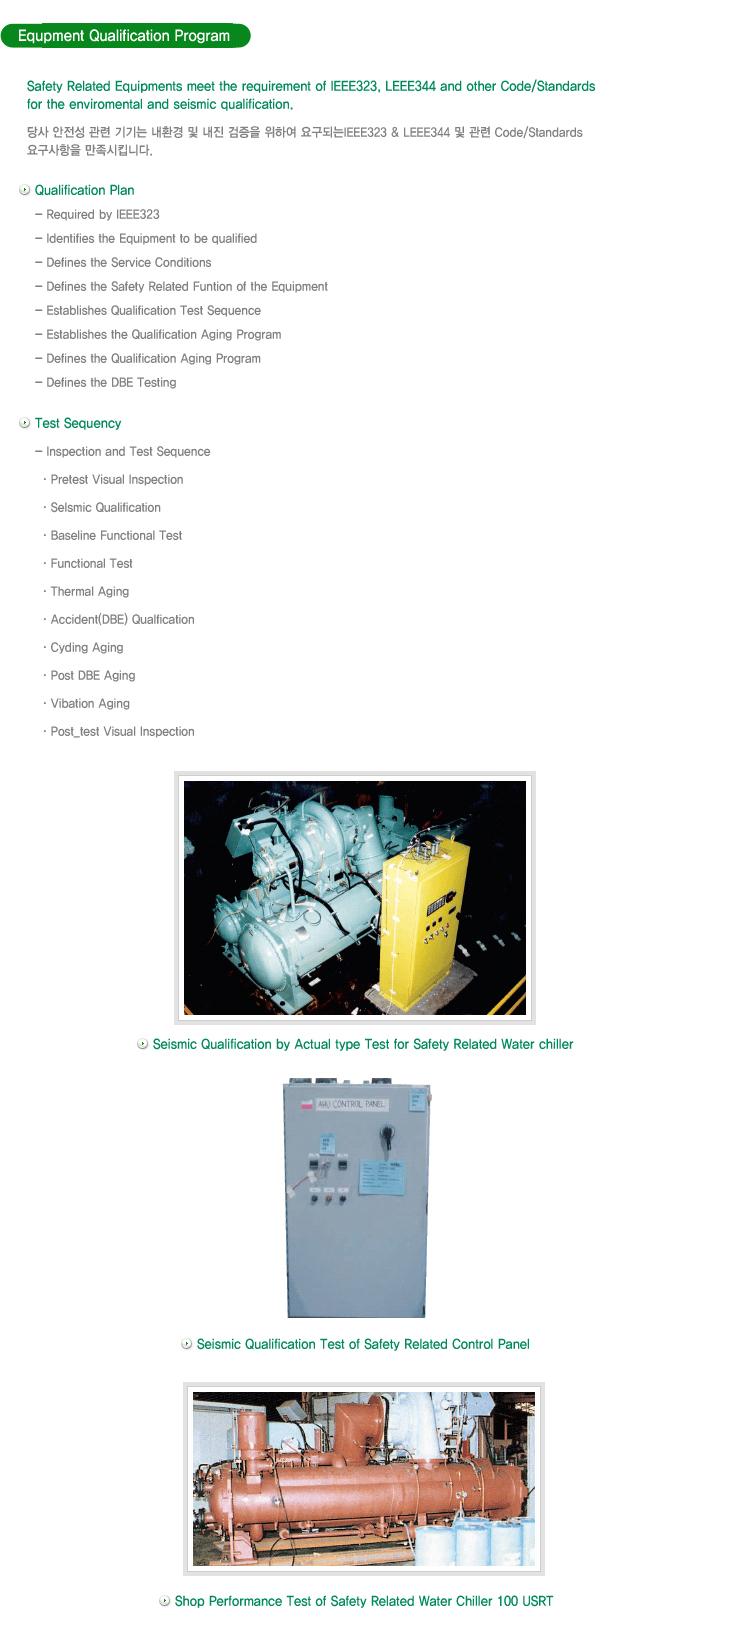 (주)센추리 Equipment Qualification Programs